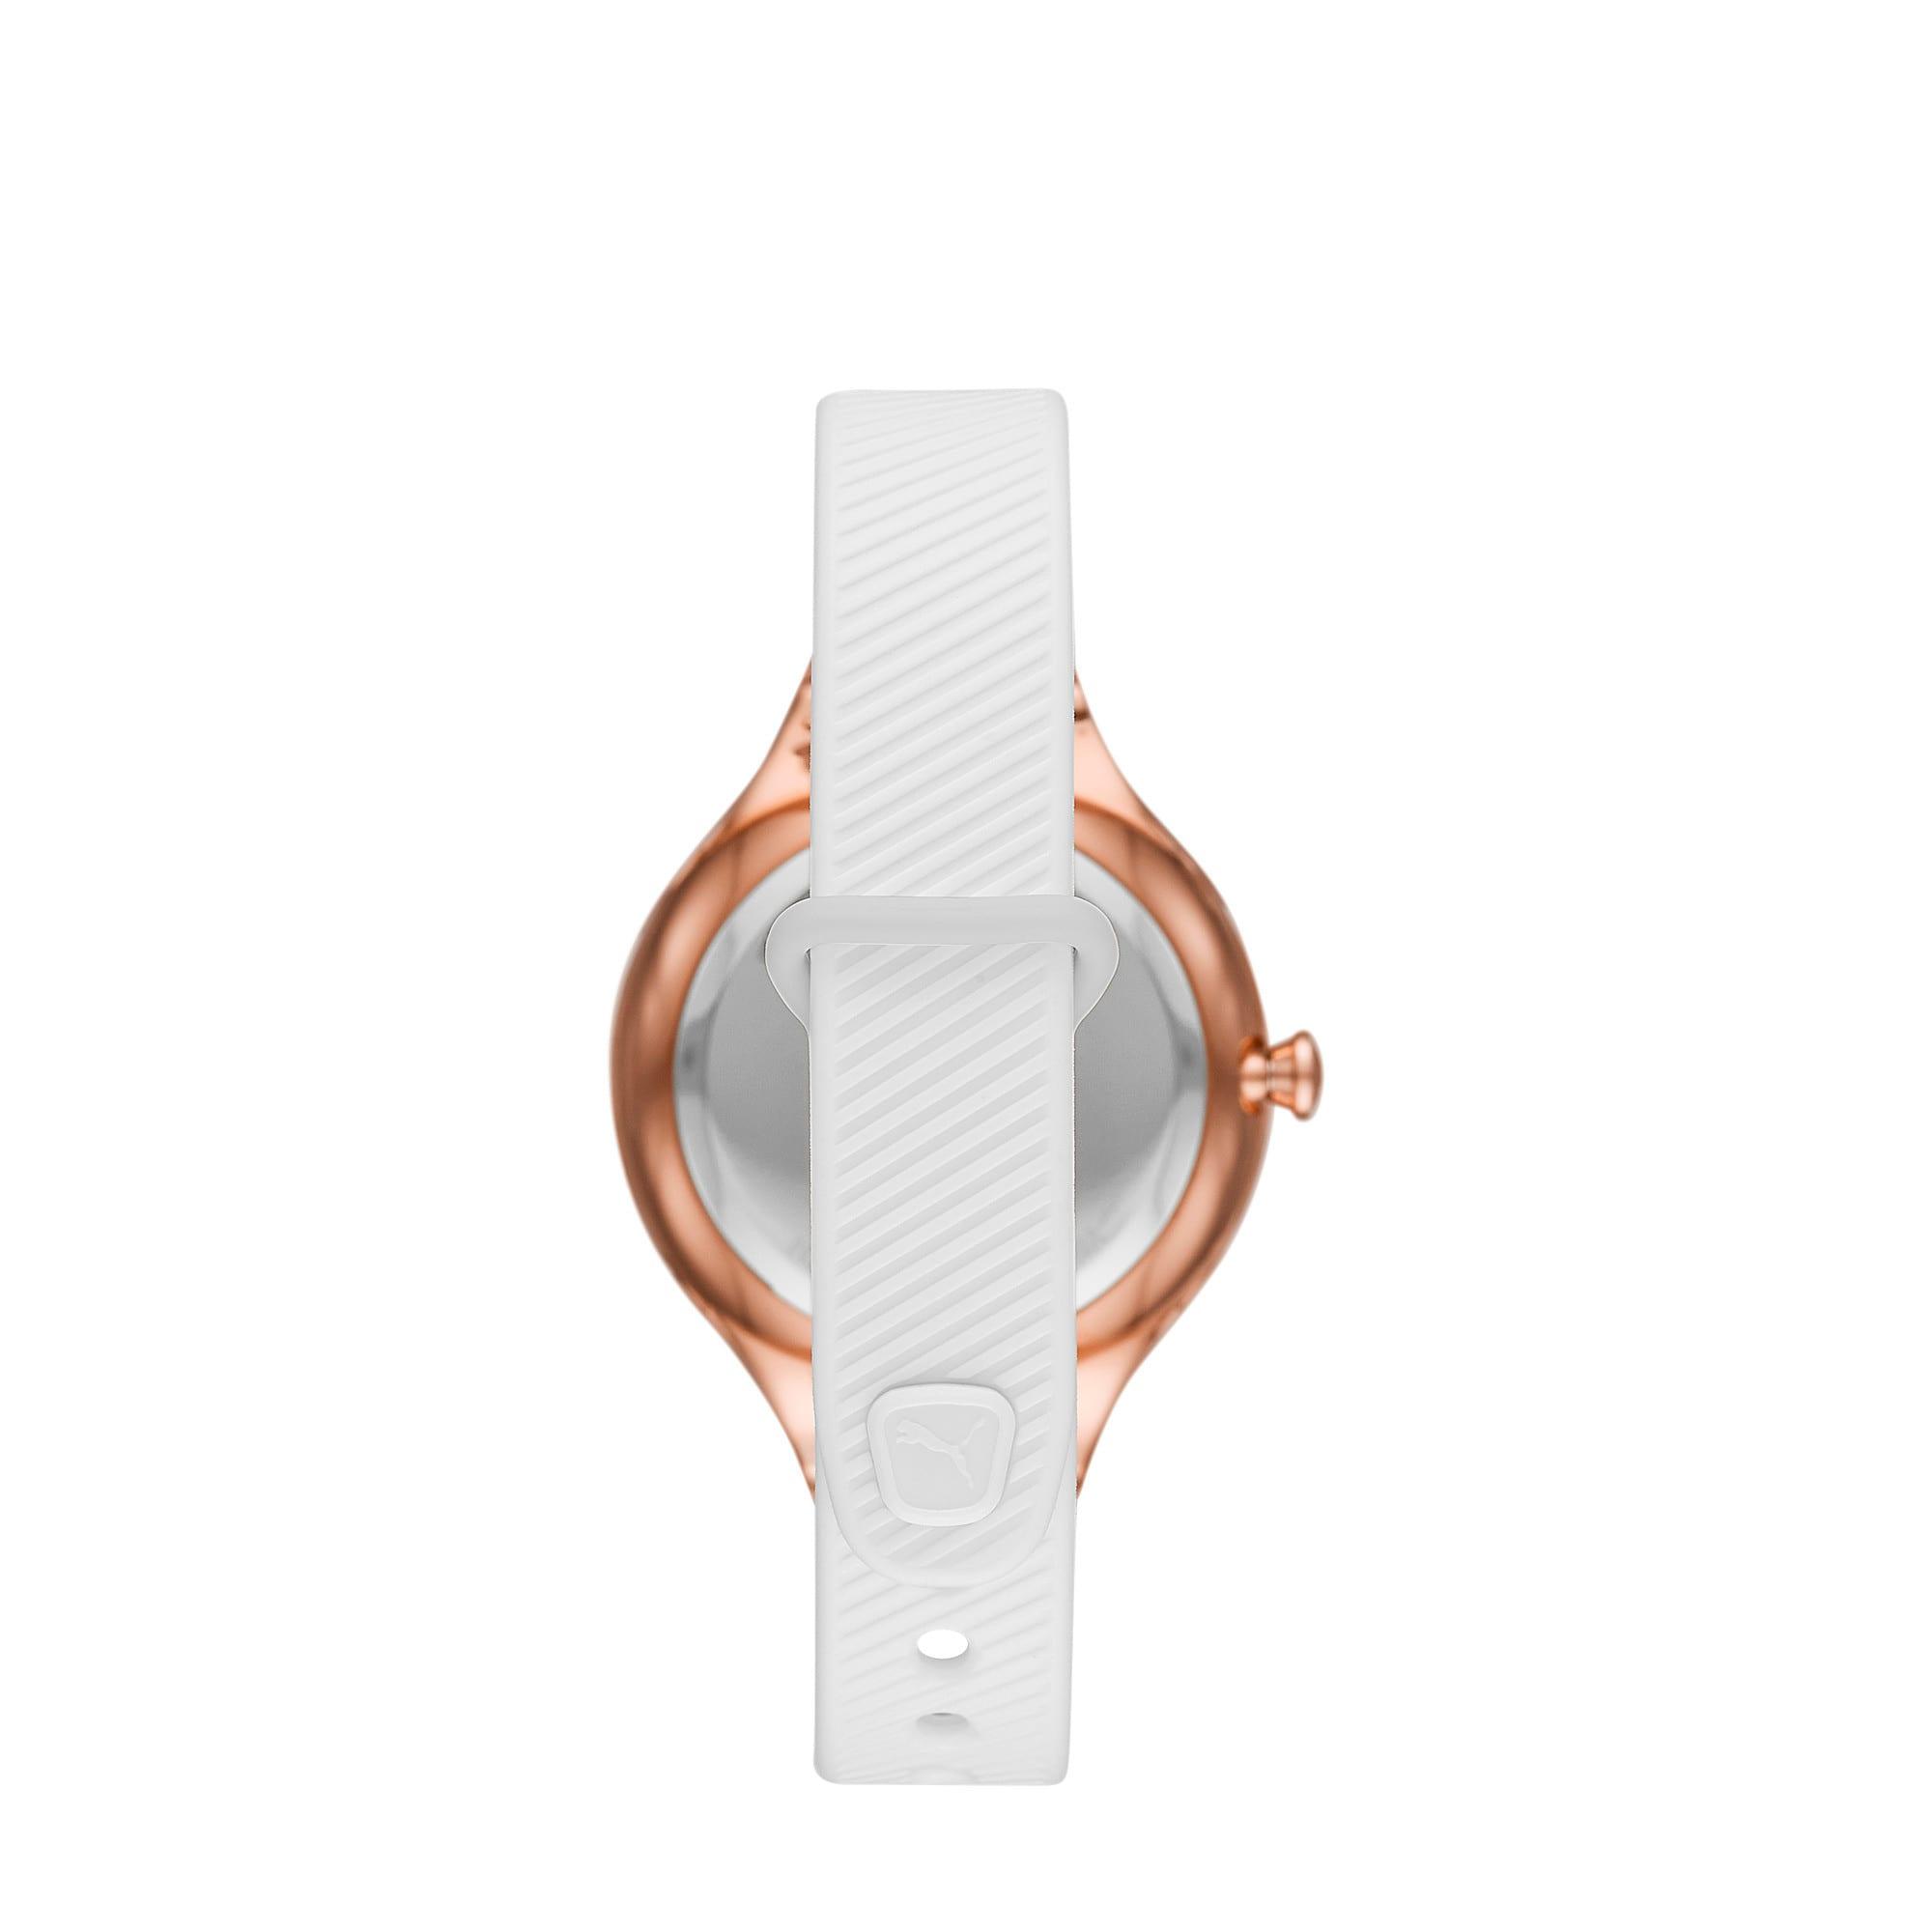 Thumbnail 2 of Contour Rose Gold Watch, Rose gold/White, medium